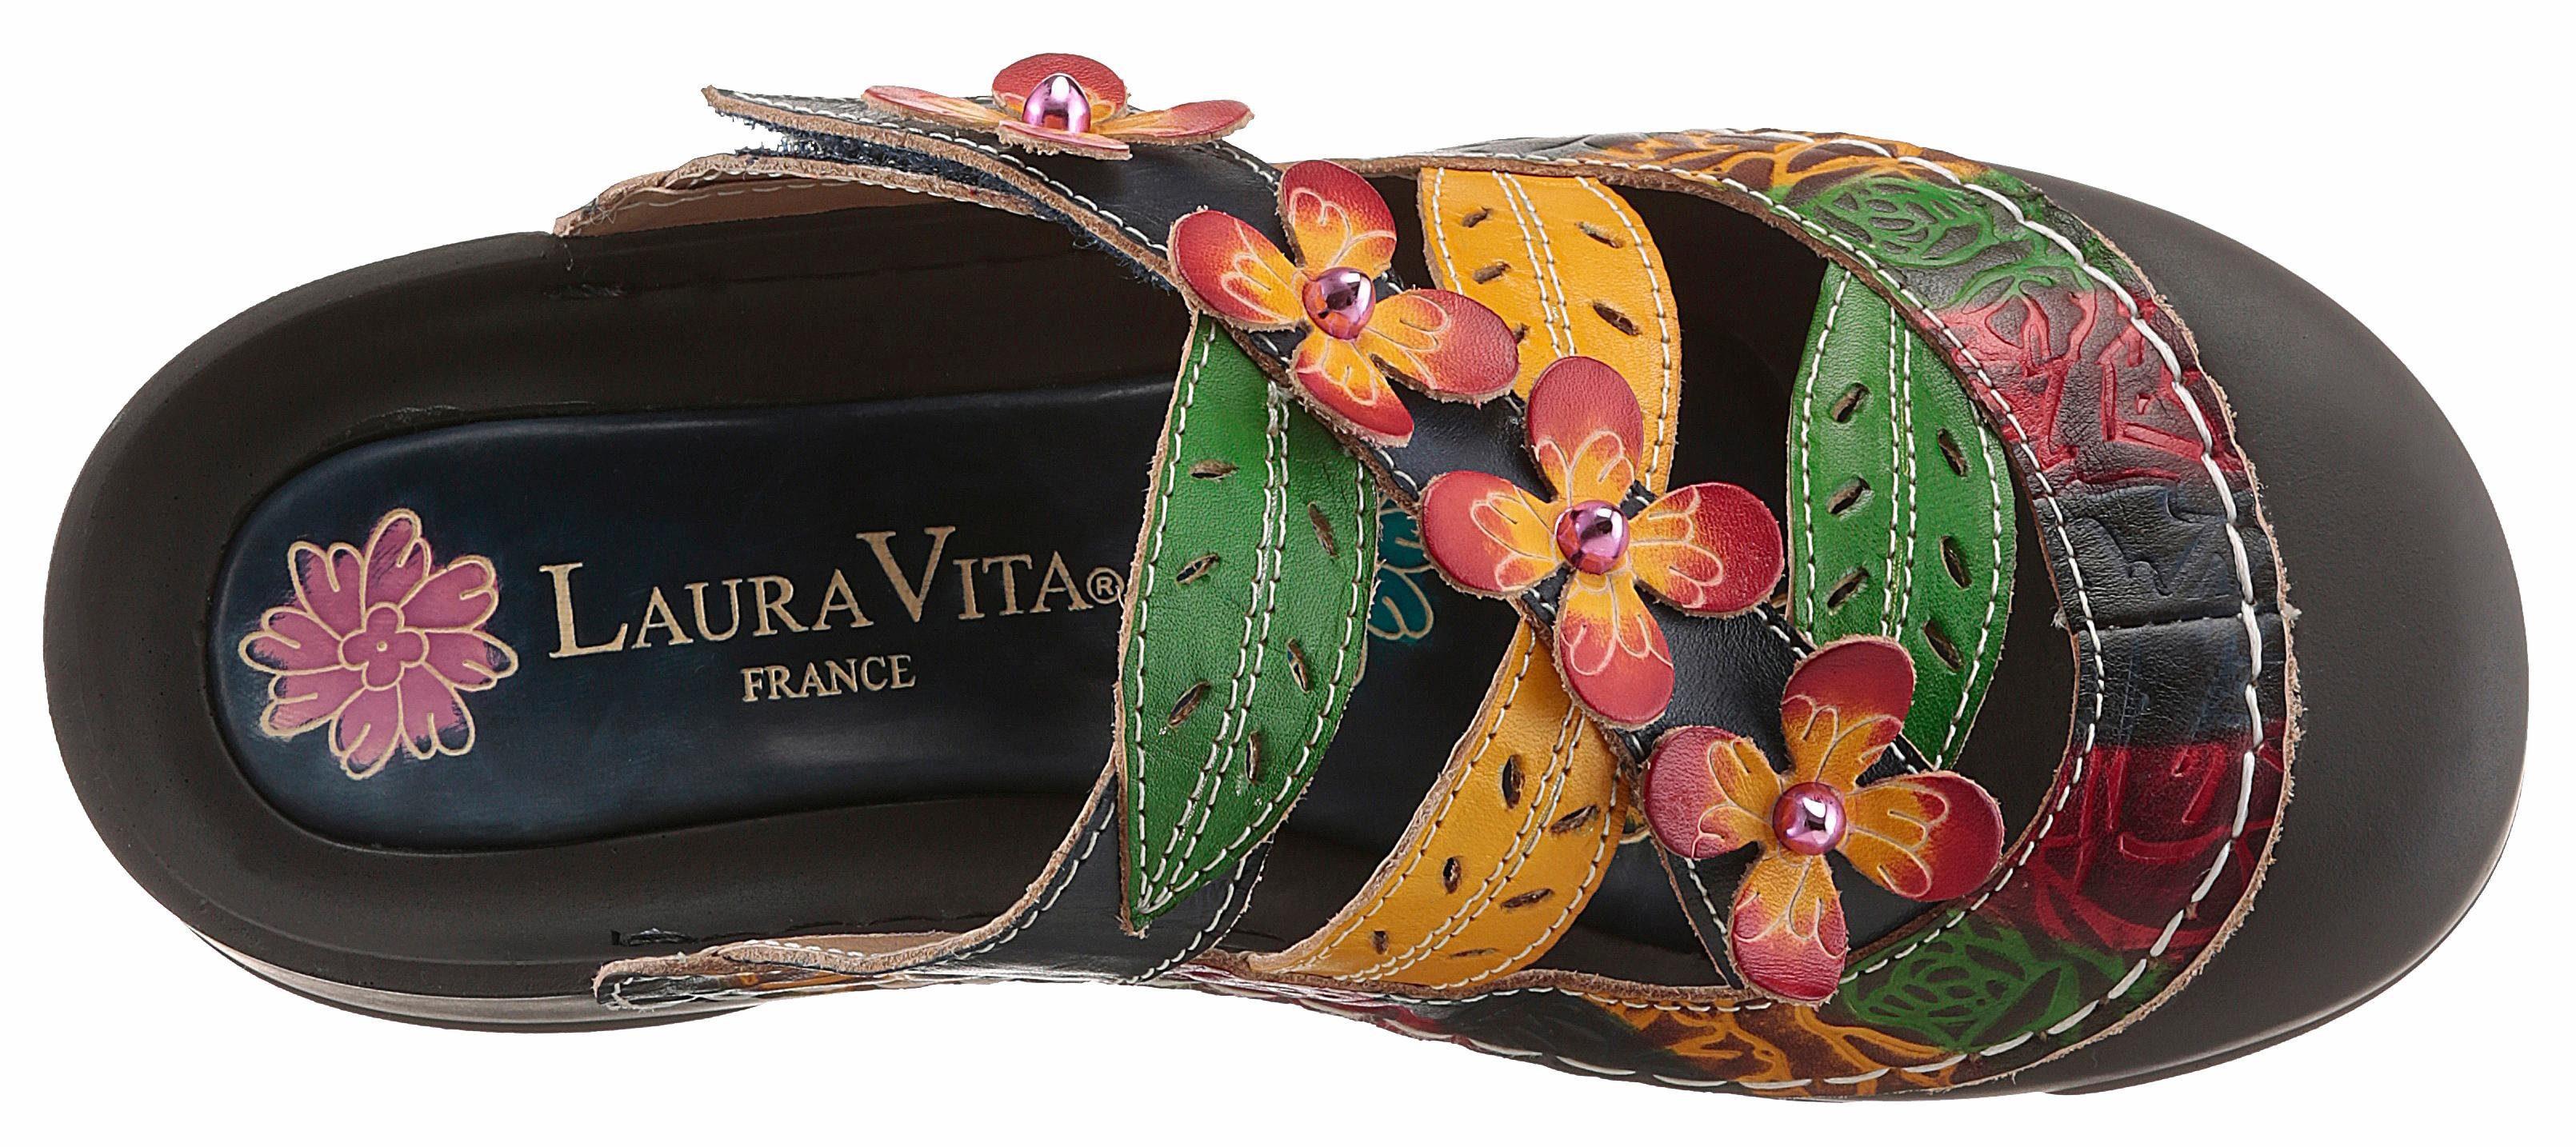 LAURA VITA Clog, mit schönen Blüten online kaufen  dunkelbraun-bunt